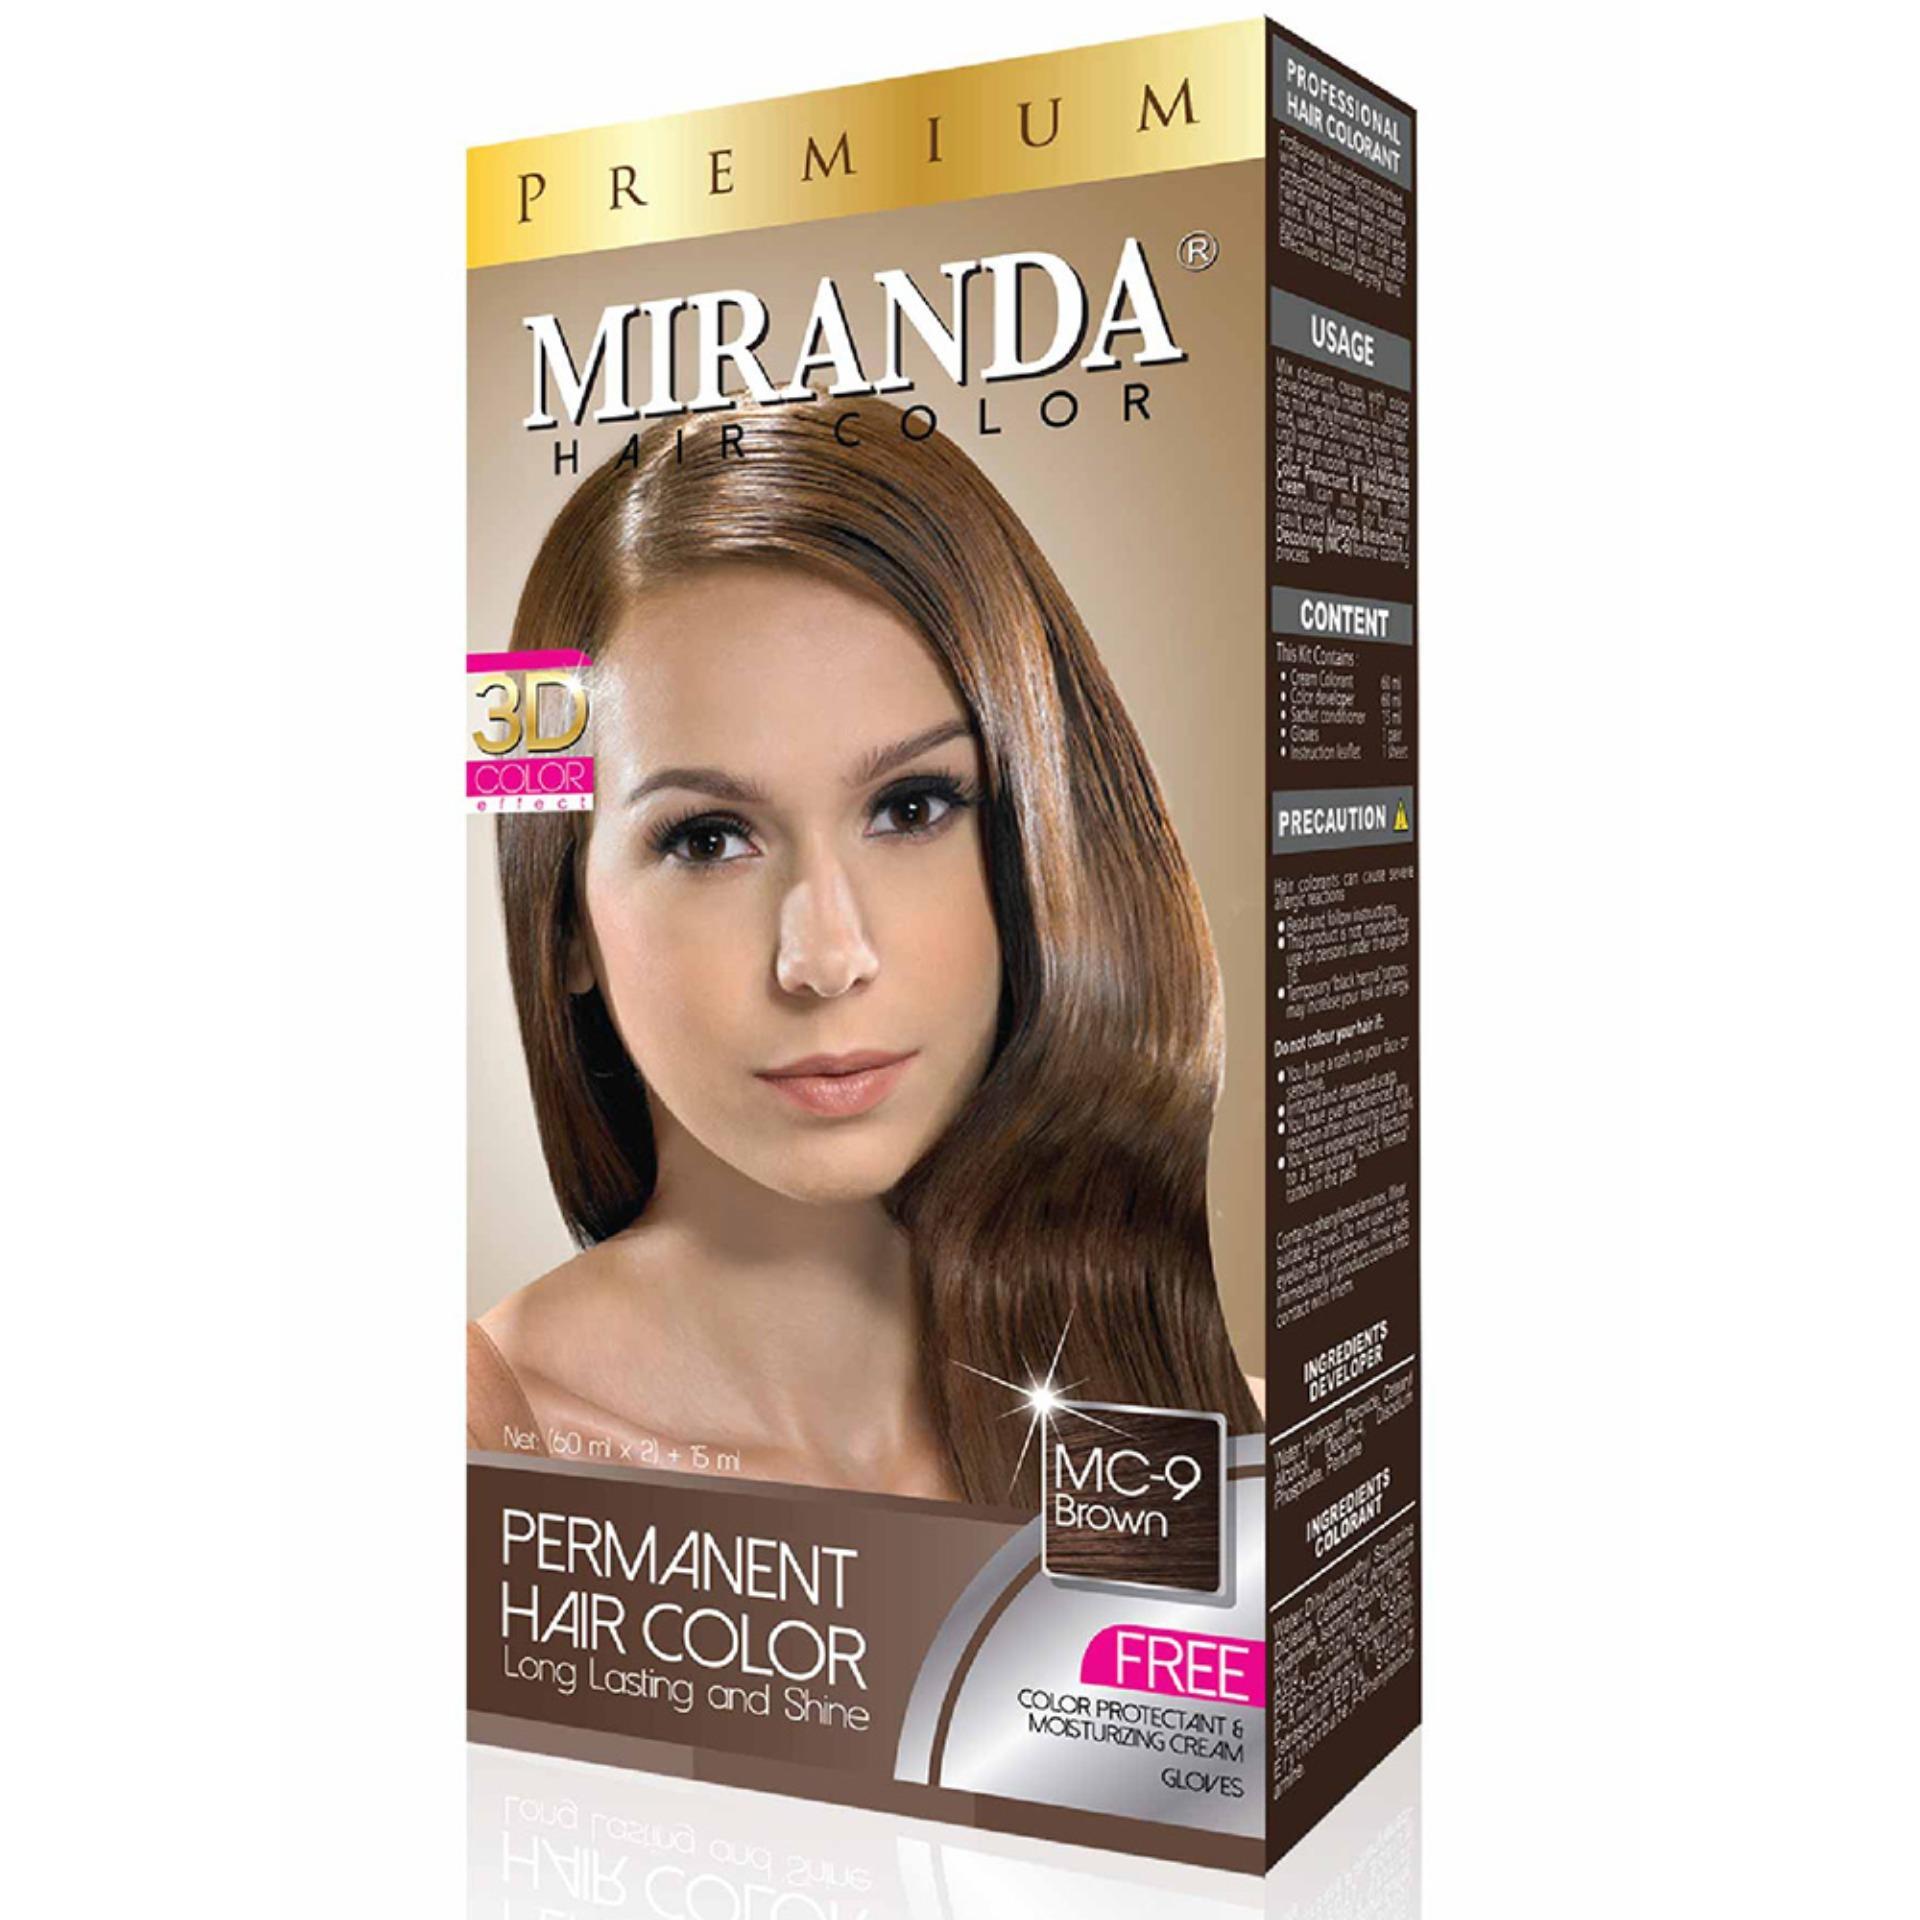 Miranda Permanent Hair Color Cat Rambut MC-9 - Brown